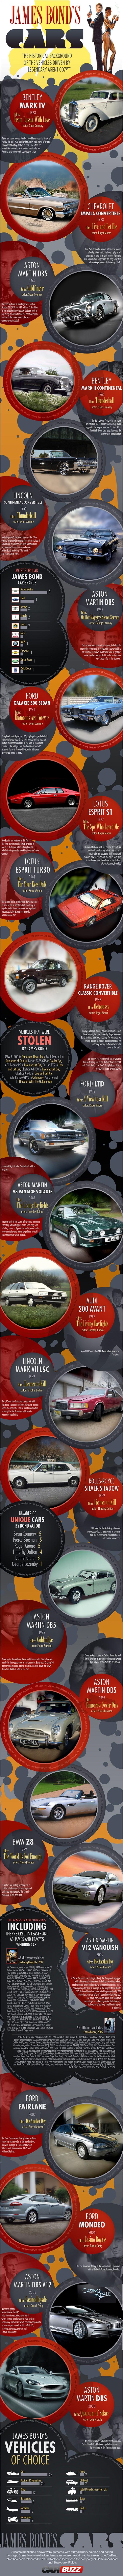 Complete Timeline of James Bond Cars